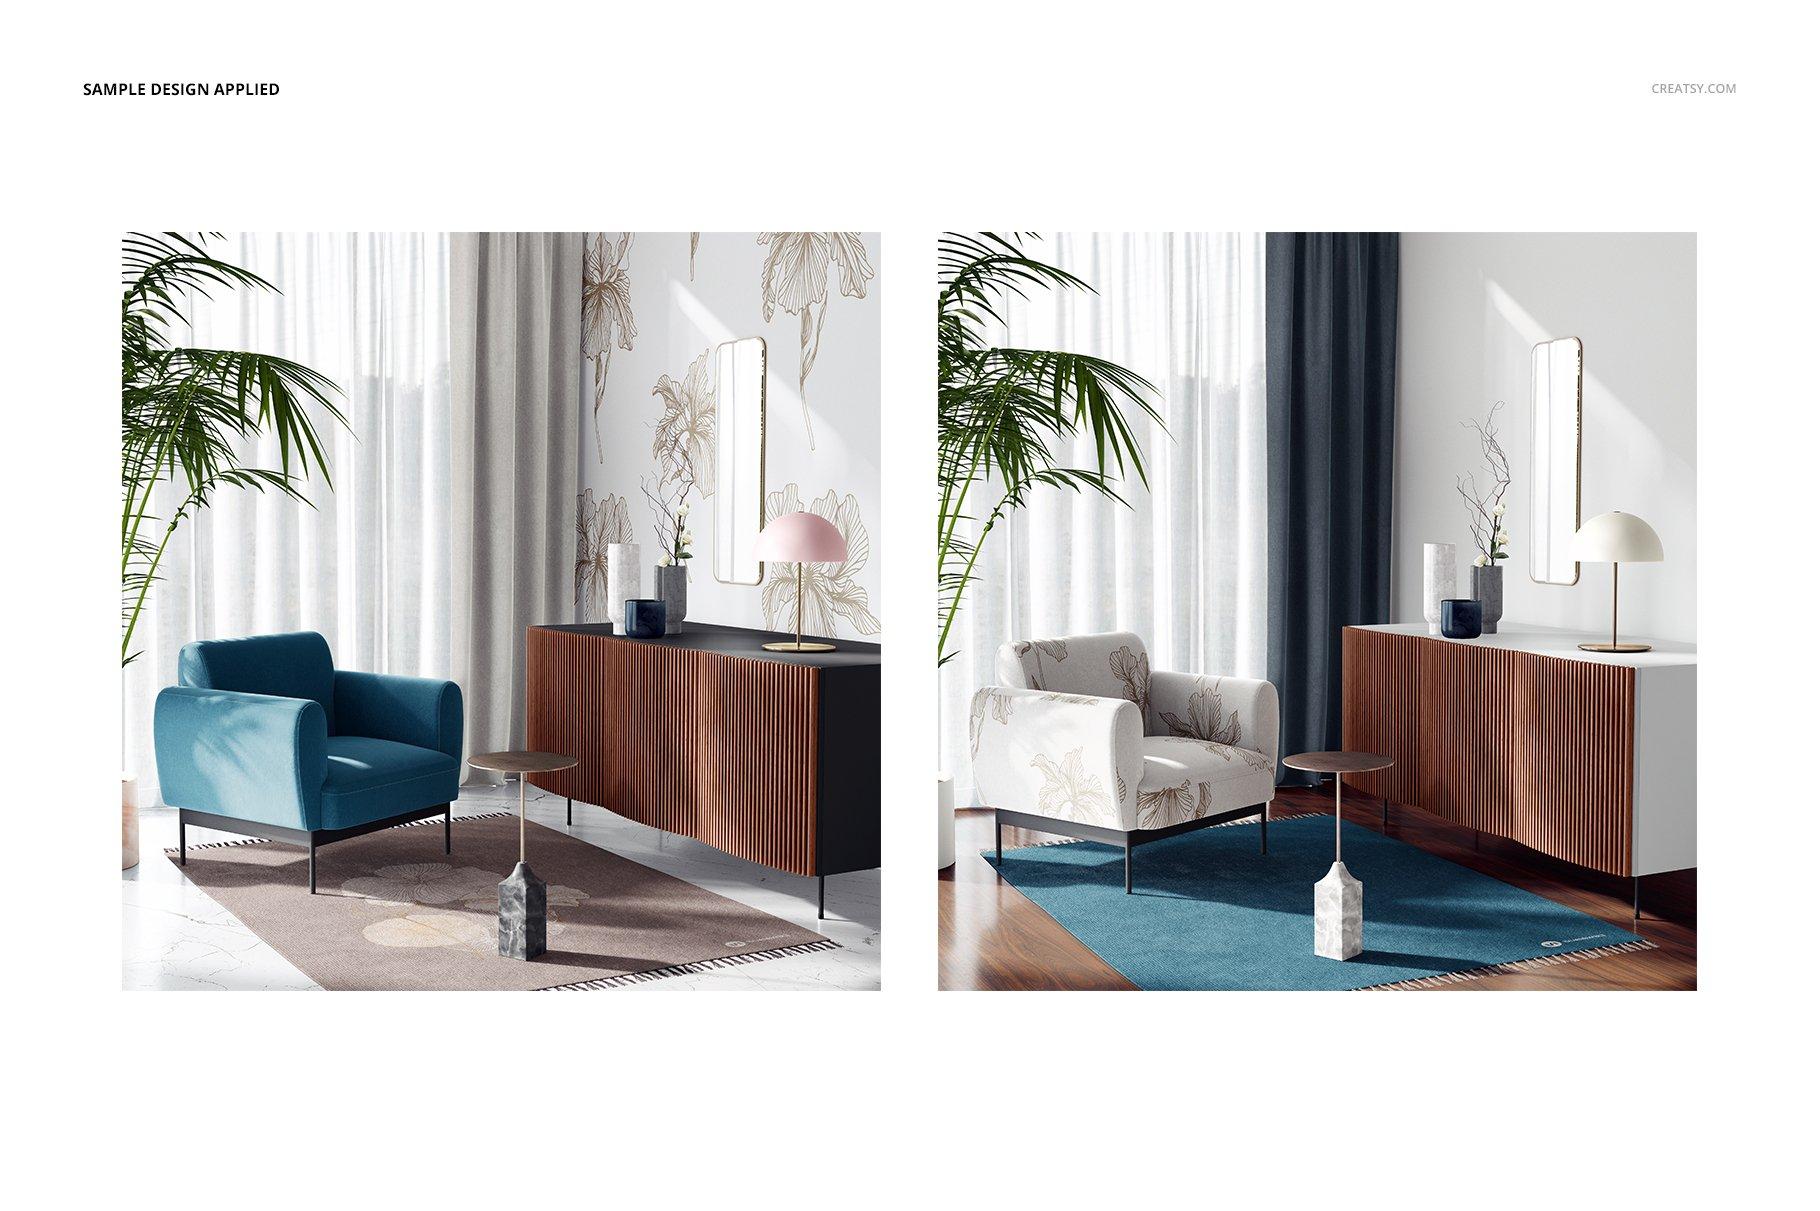 时尚室内沙发印花图案设计贴图PSD样机模板 Interior Scene Mockup插图4